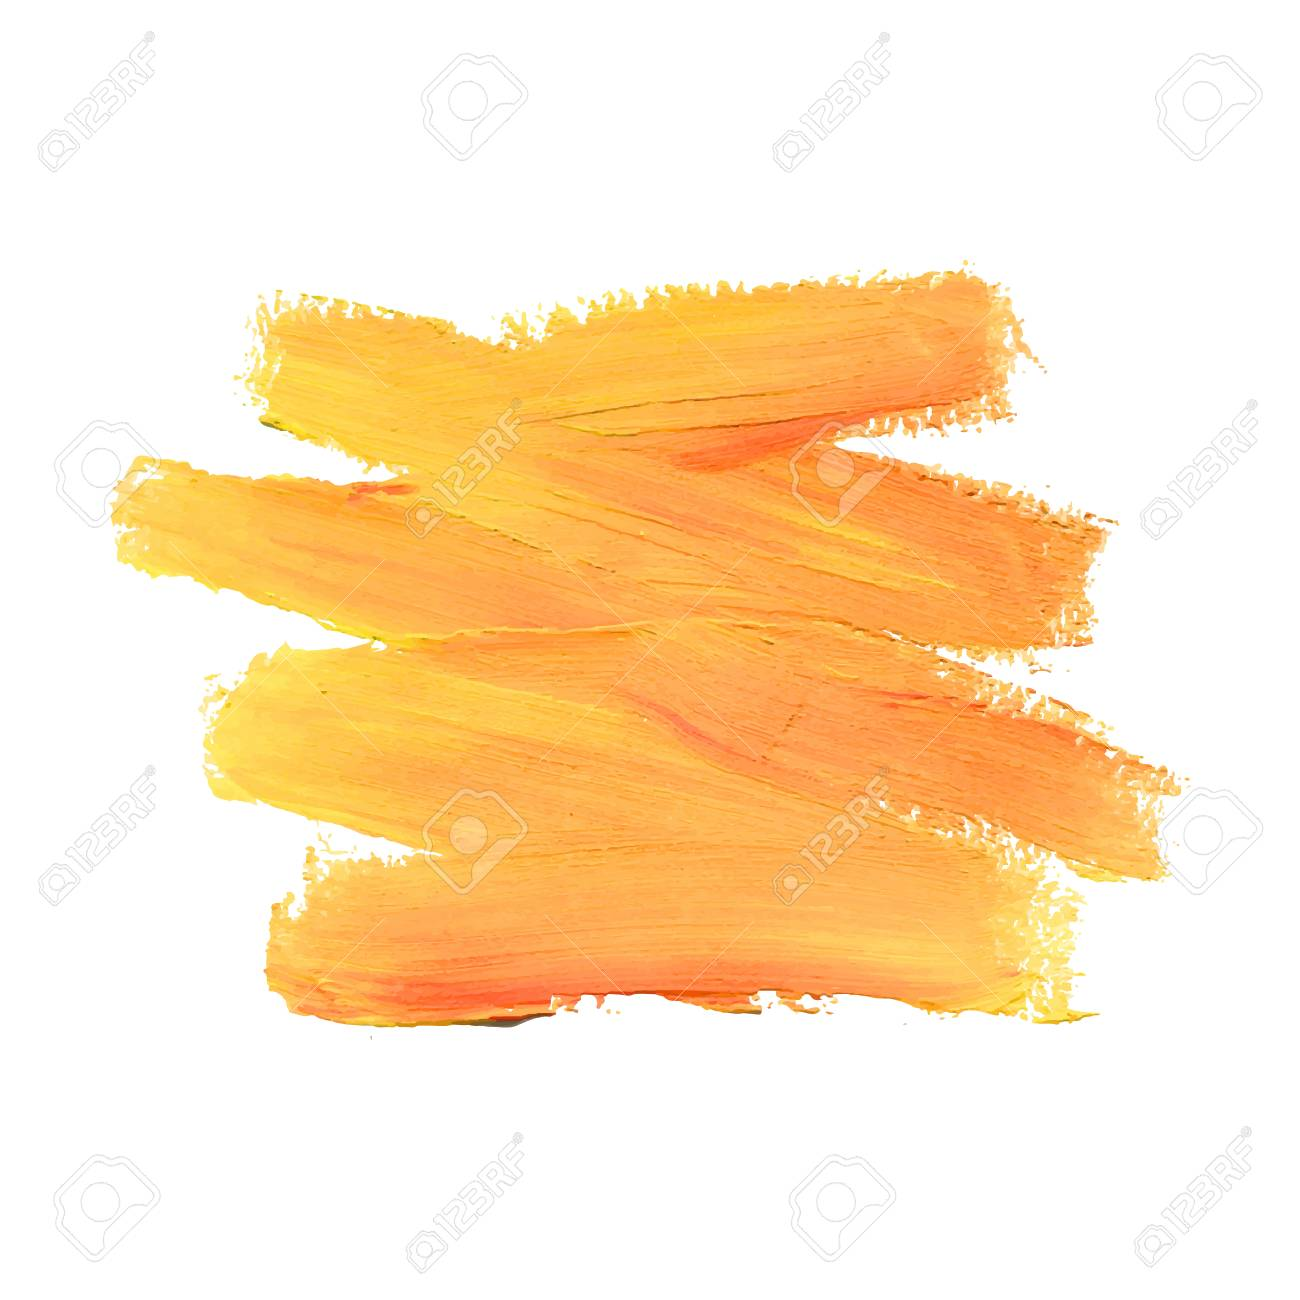 Coup De Pinceau Peinture Acrylique Tache Peach Couleur Coup De